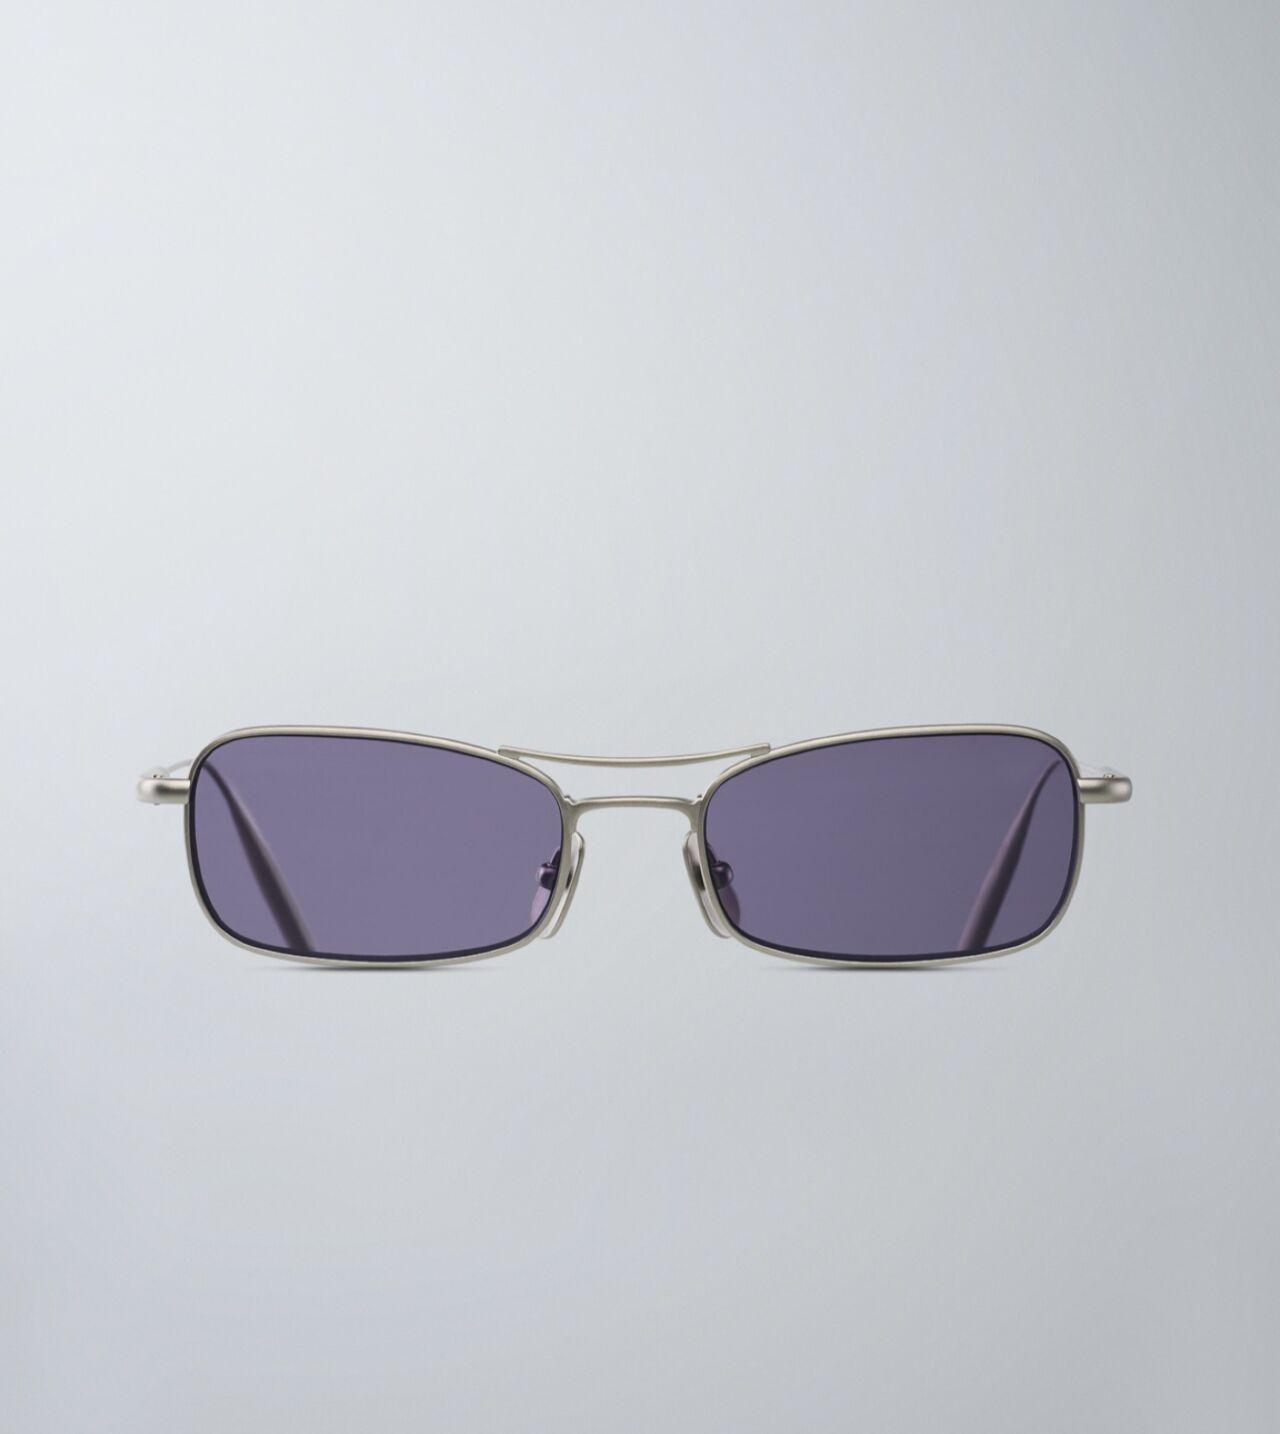 Takenaka by Byredo, available on byredo.com for EUR280 Elsa Hosk Sunglasses Exact Product